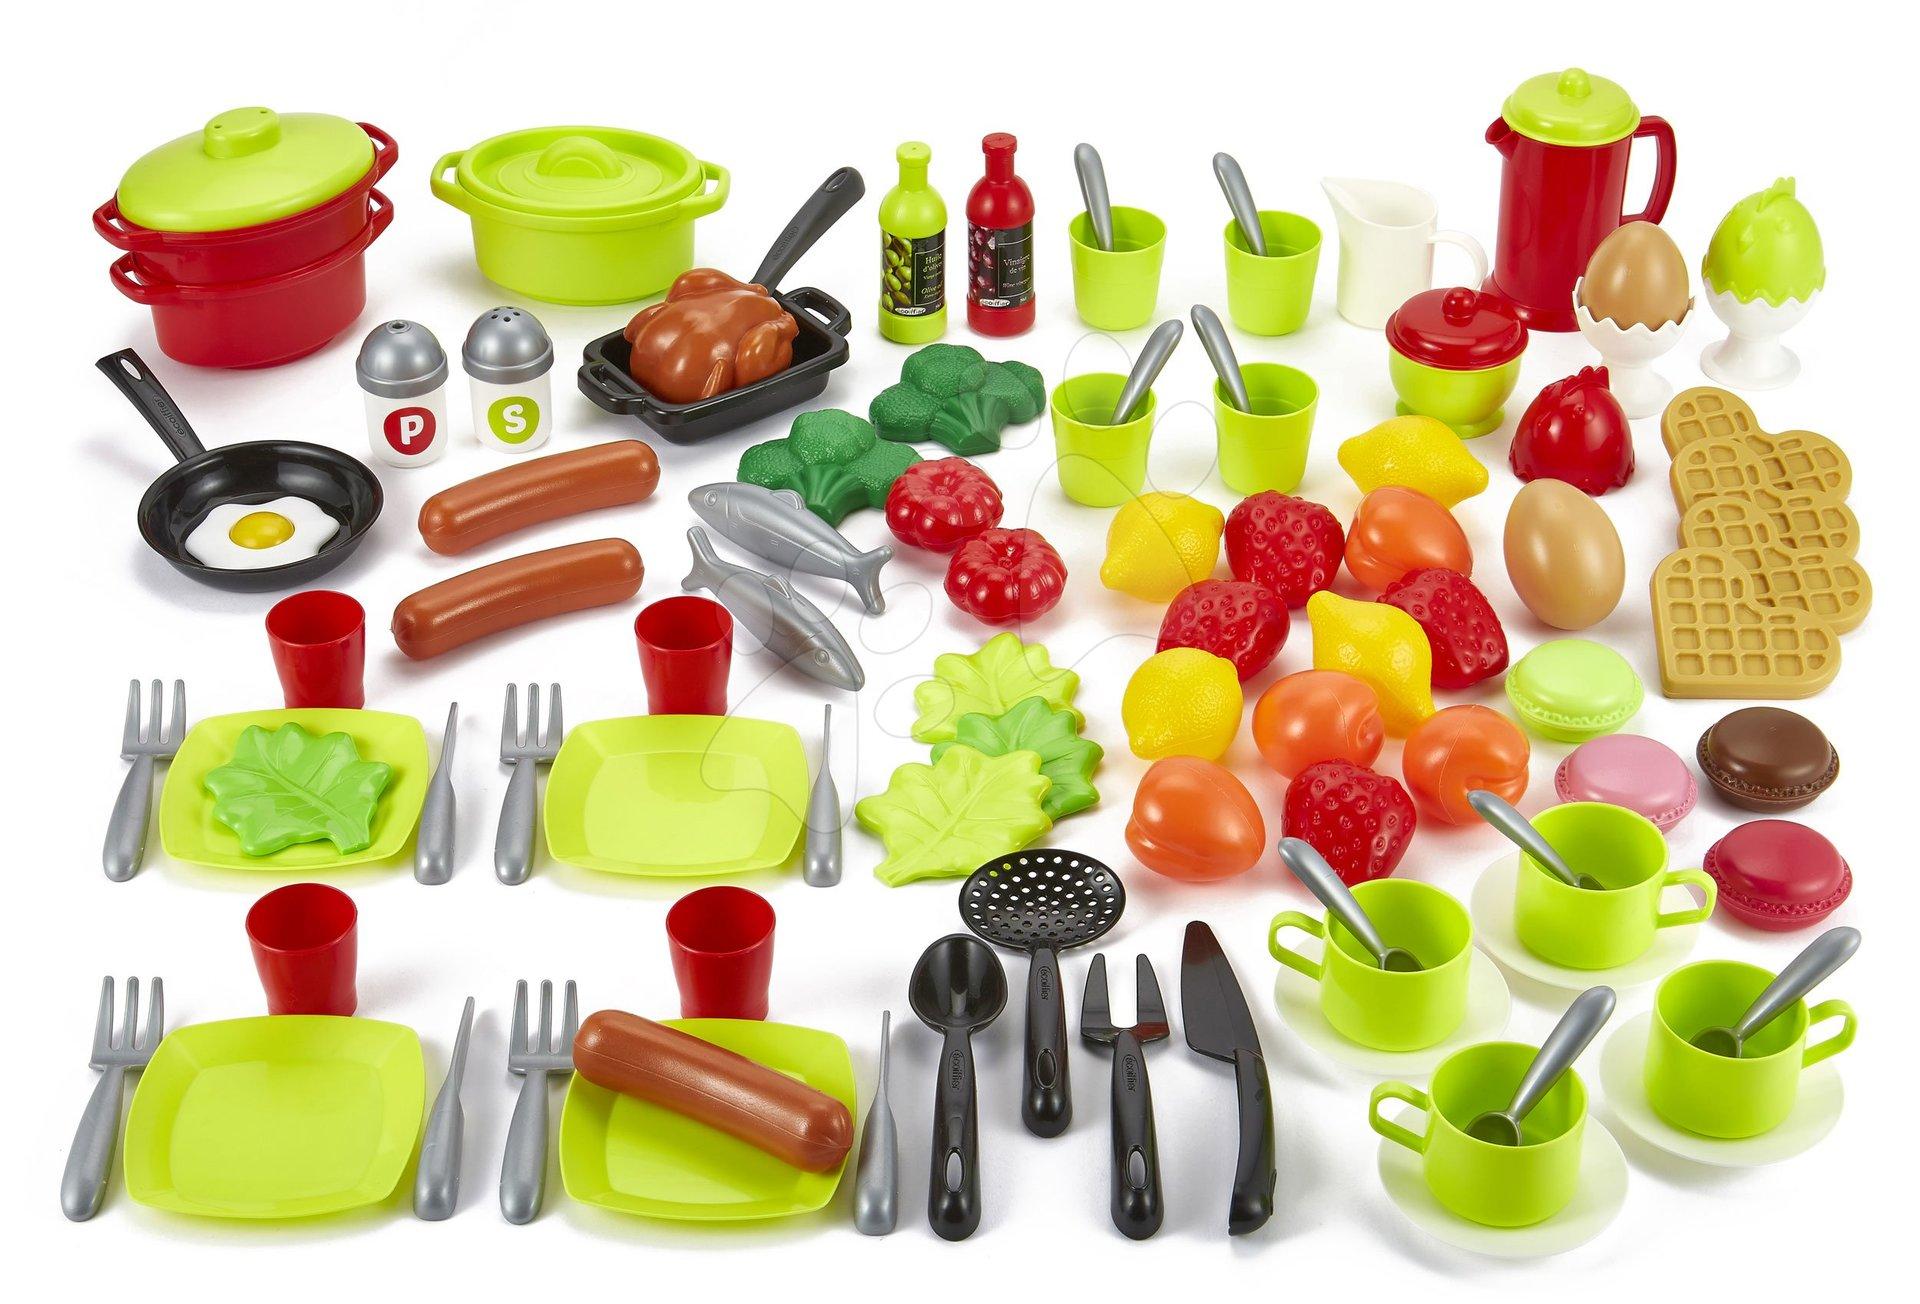 Accesorii de gătit pentru bucătăria de jucărie 100% Chef Écoiffier set cu 100 de bucăți, fructe, legume și alimente cu vase de la 18 luni